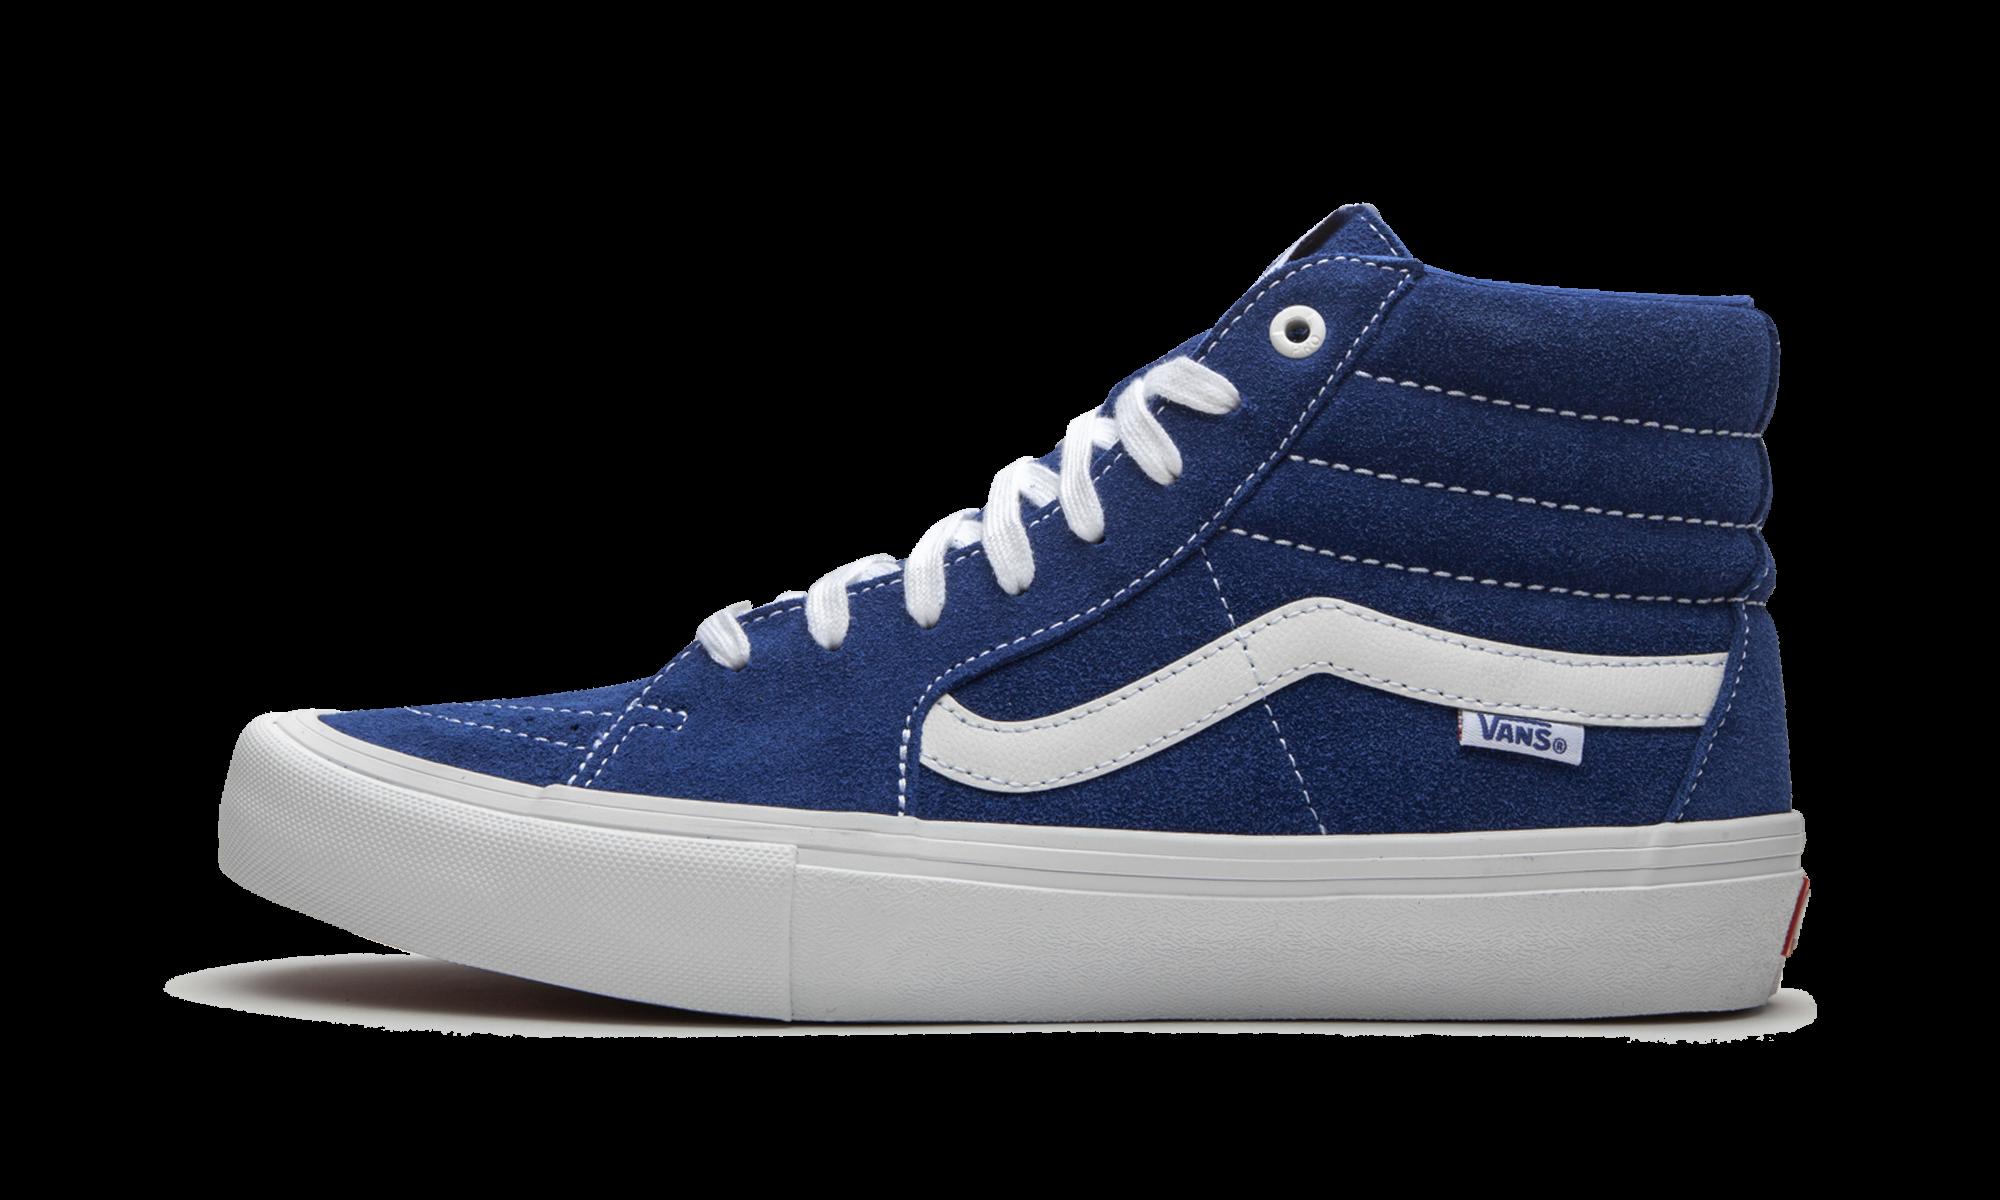 Vans Sk8-Hi Pro 'Blue Suede' Shoes - Size 11.5